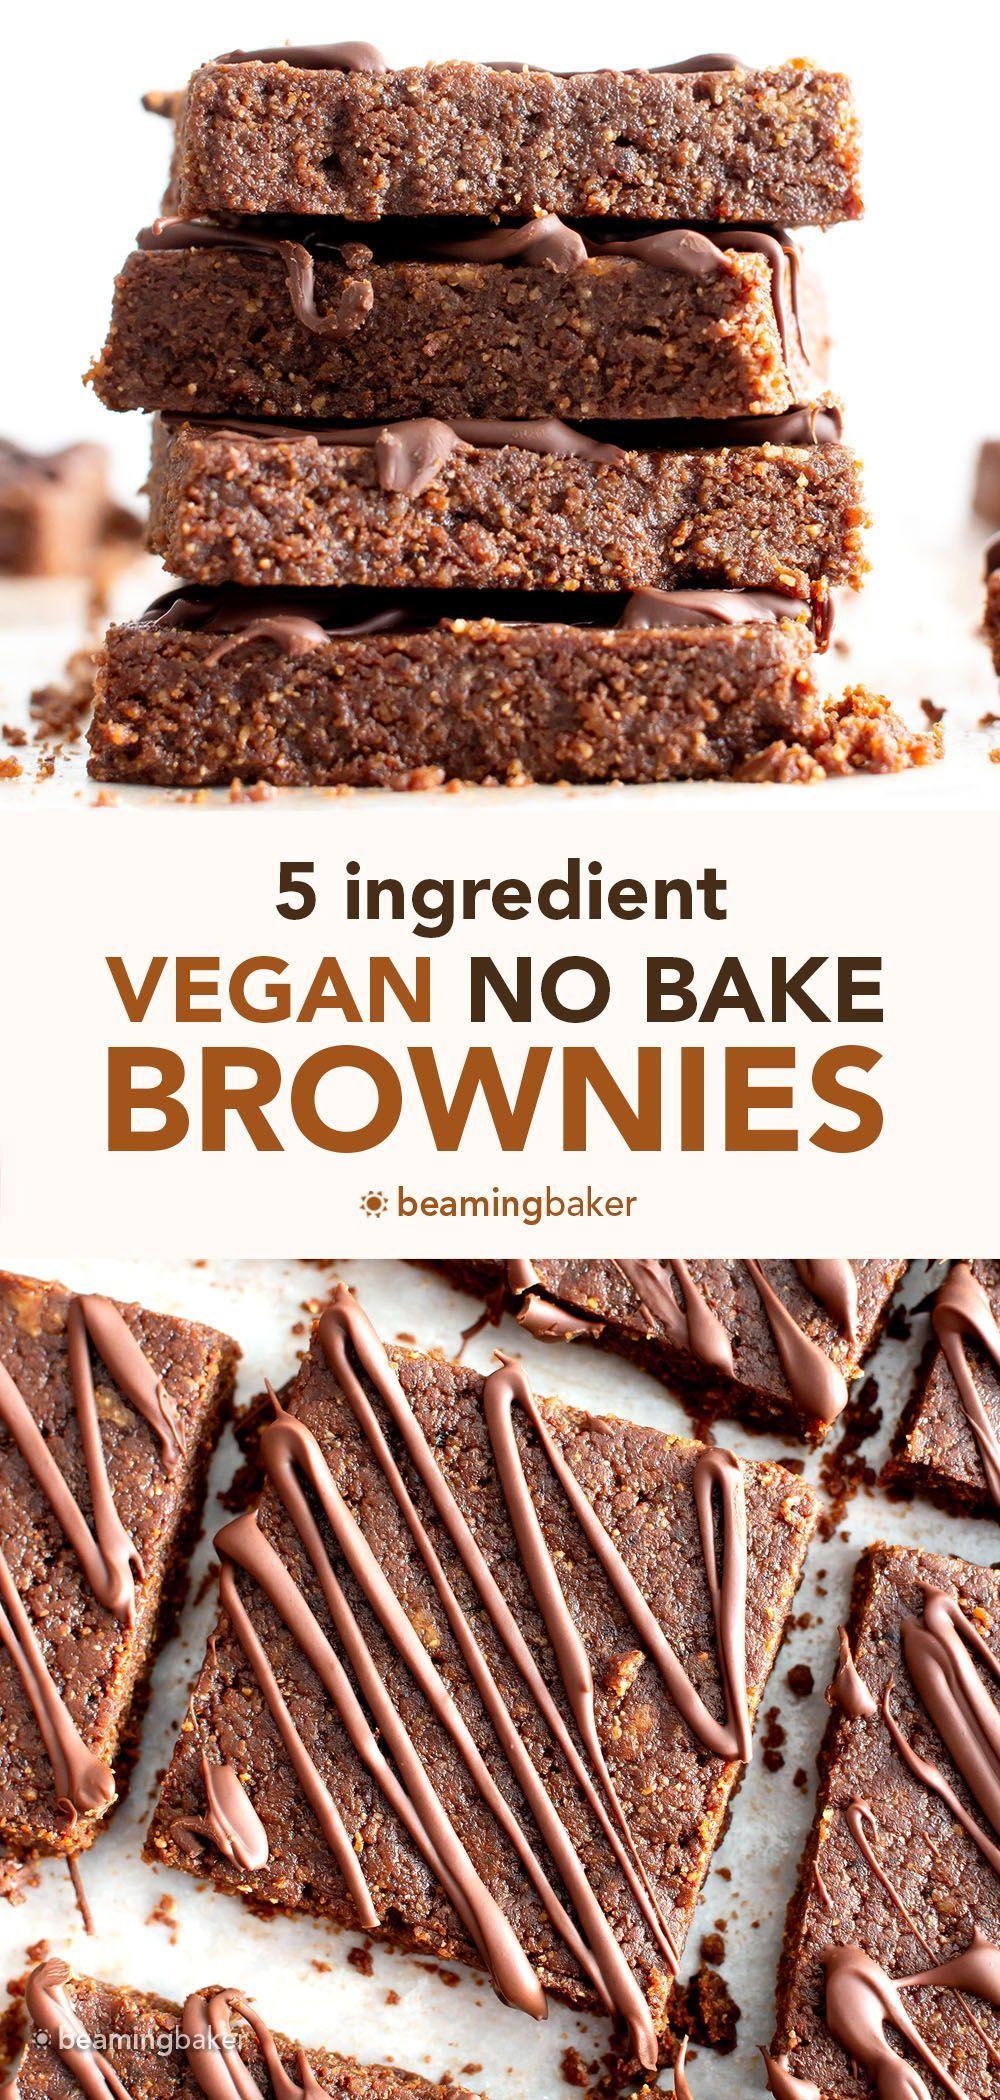 No Bake Vegan Brownies 5 Ingredient In 2021 Baking Baked Dessert Recipes Baking Recipes